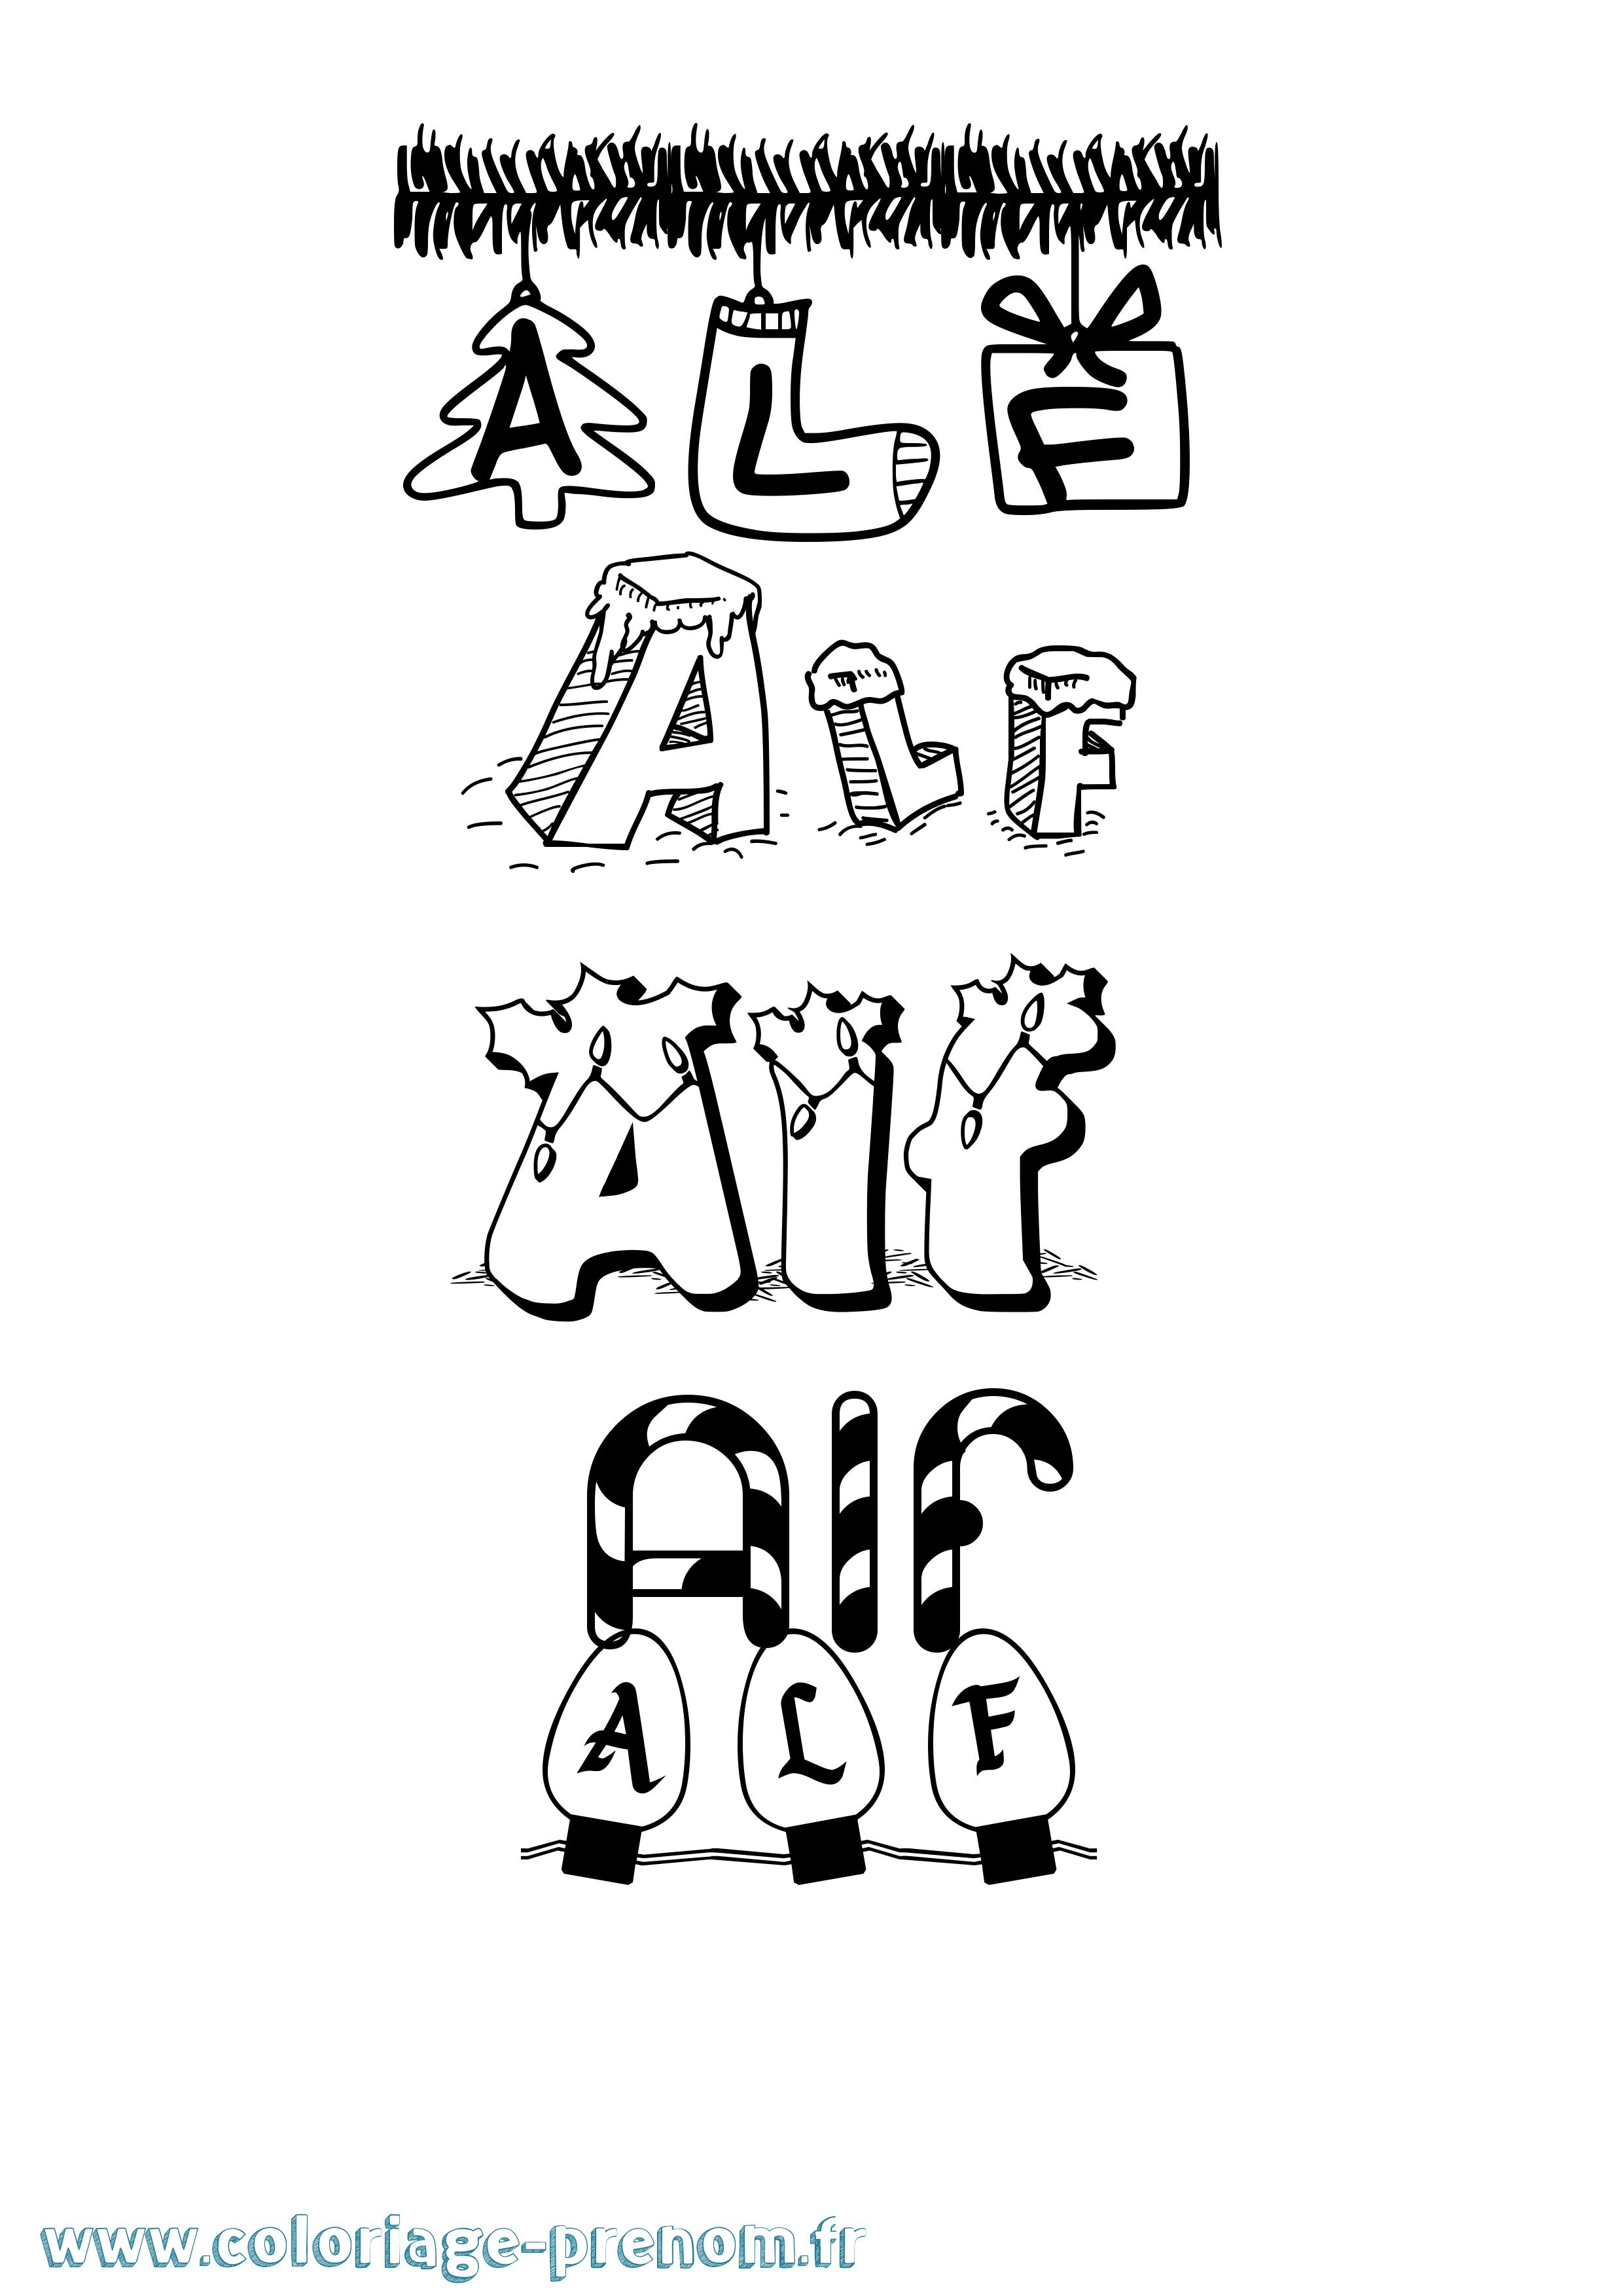 Coloriage du prénom Alf : à Imprimer ou Télécharger facilement